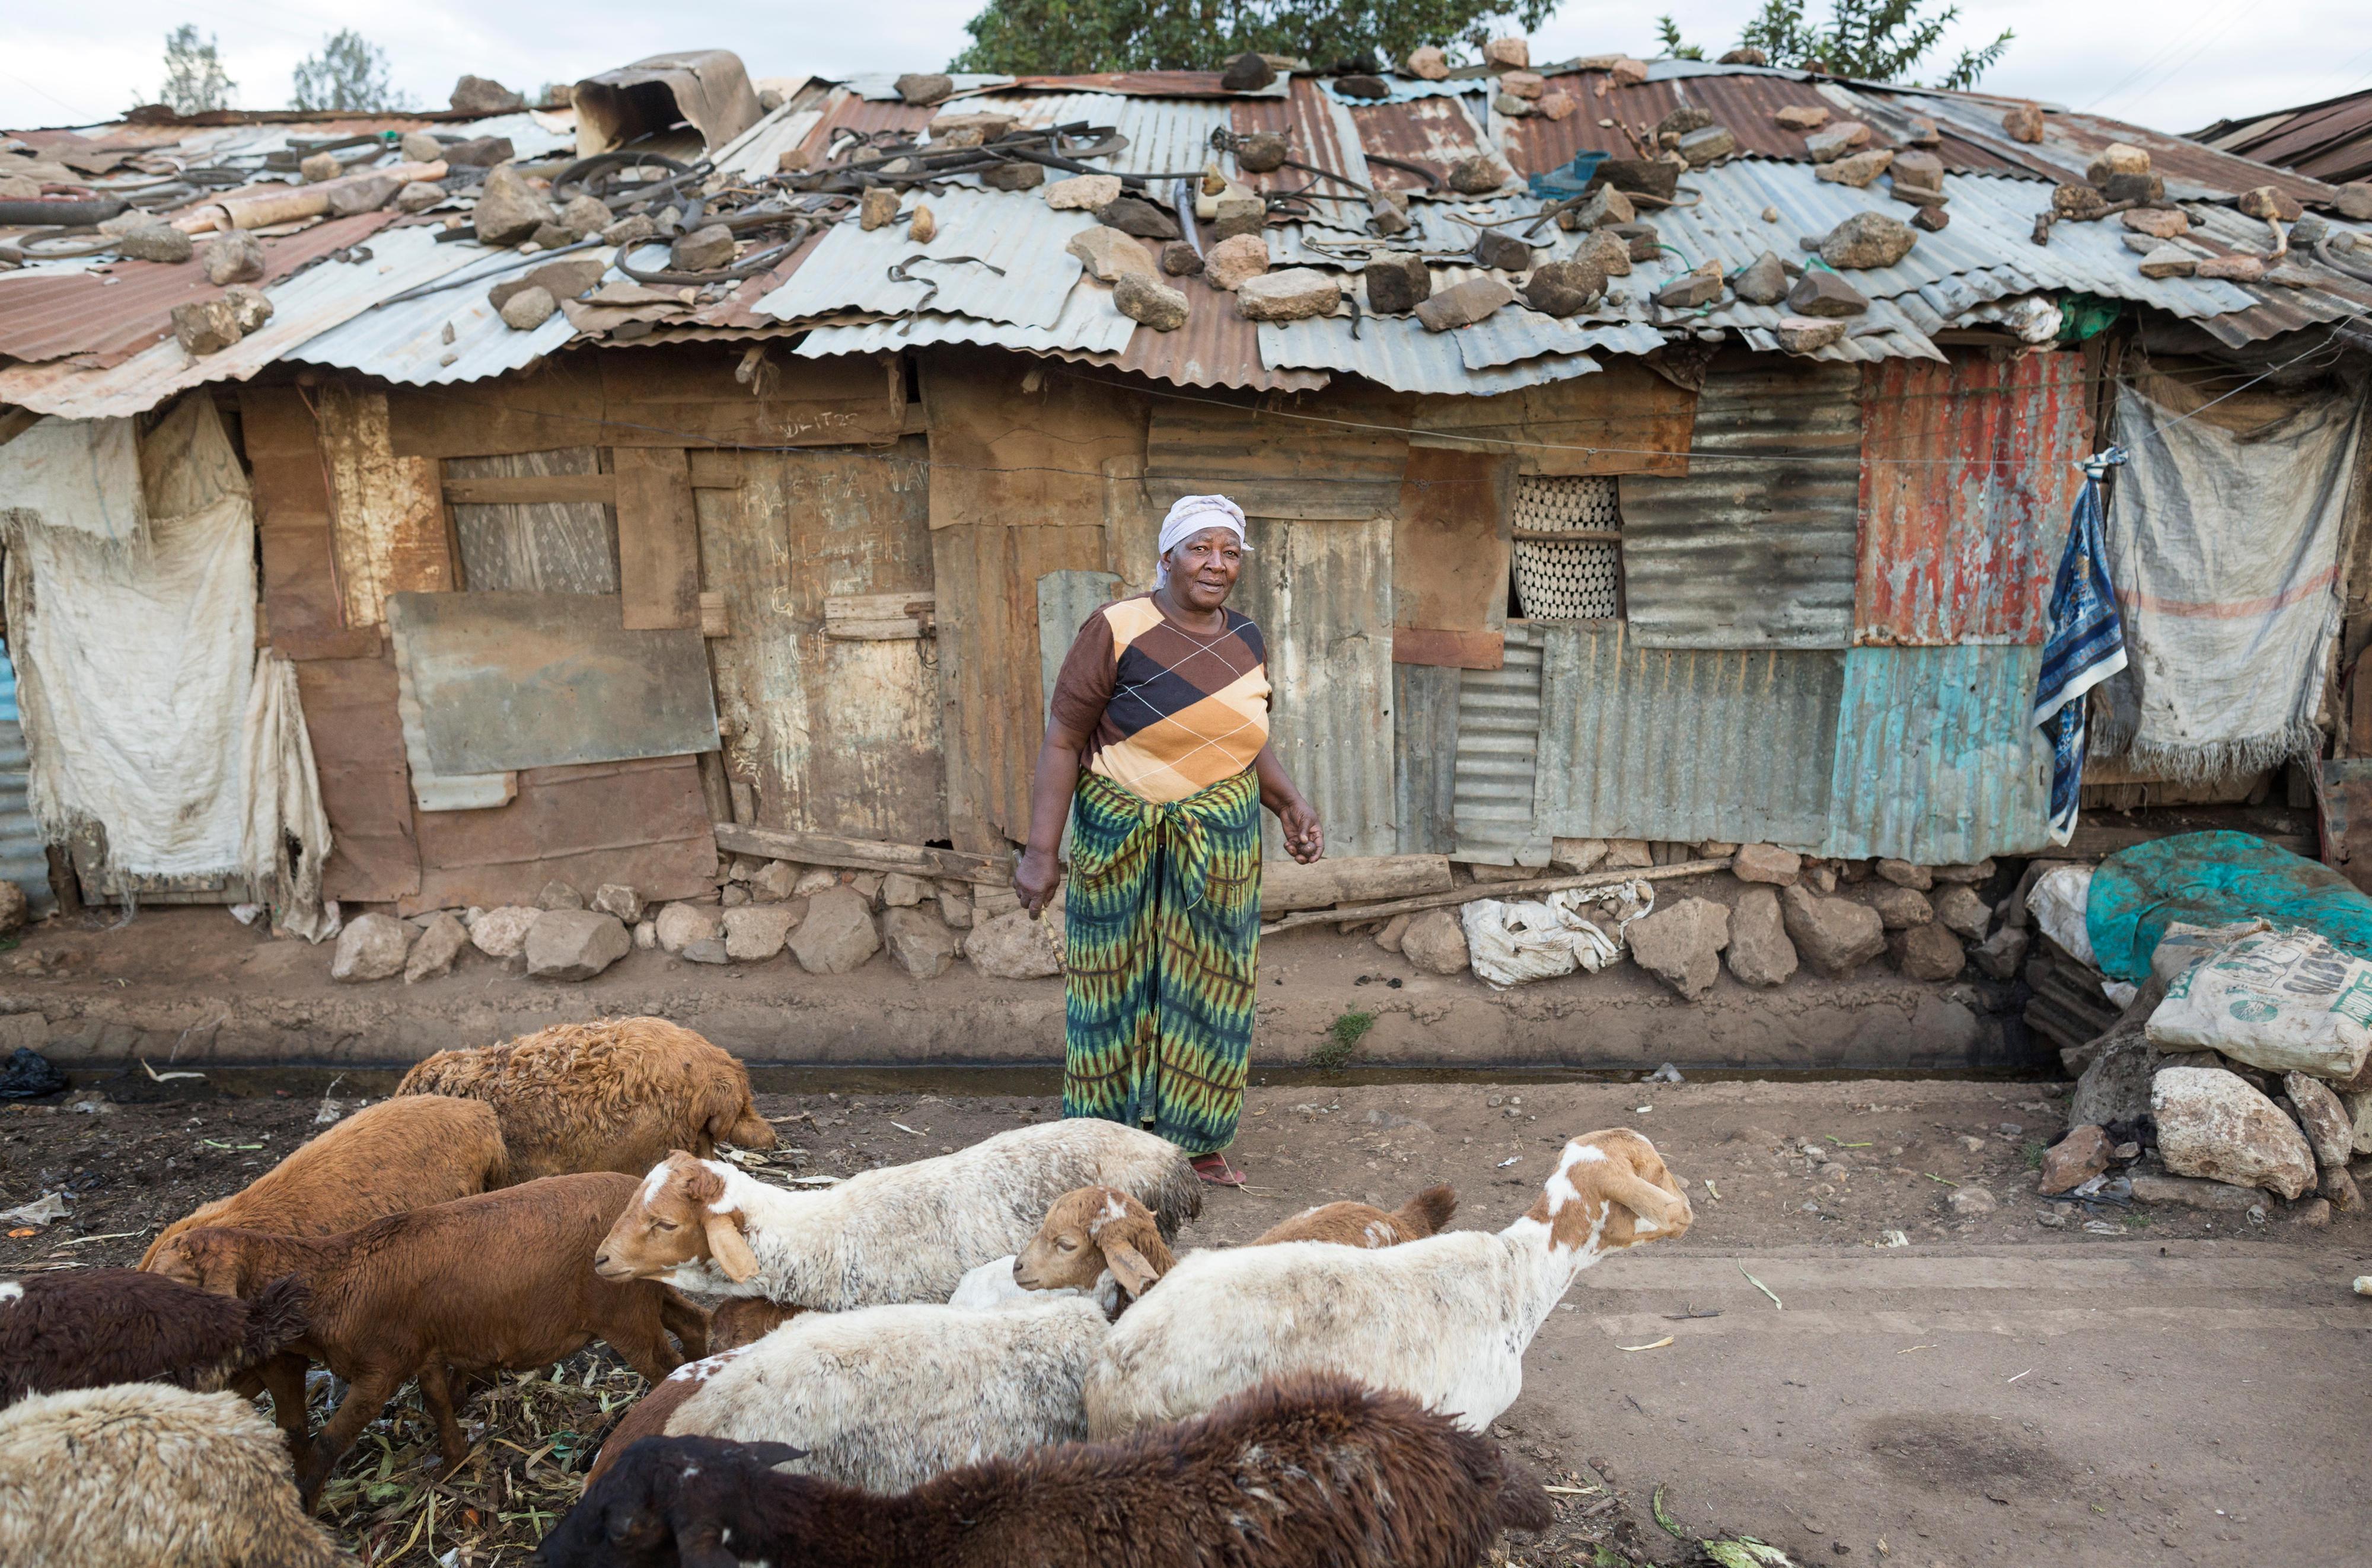 Eine Frau in einem Slum in Nairobi